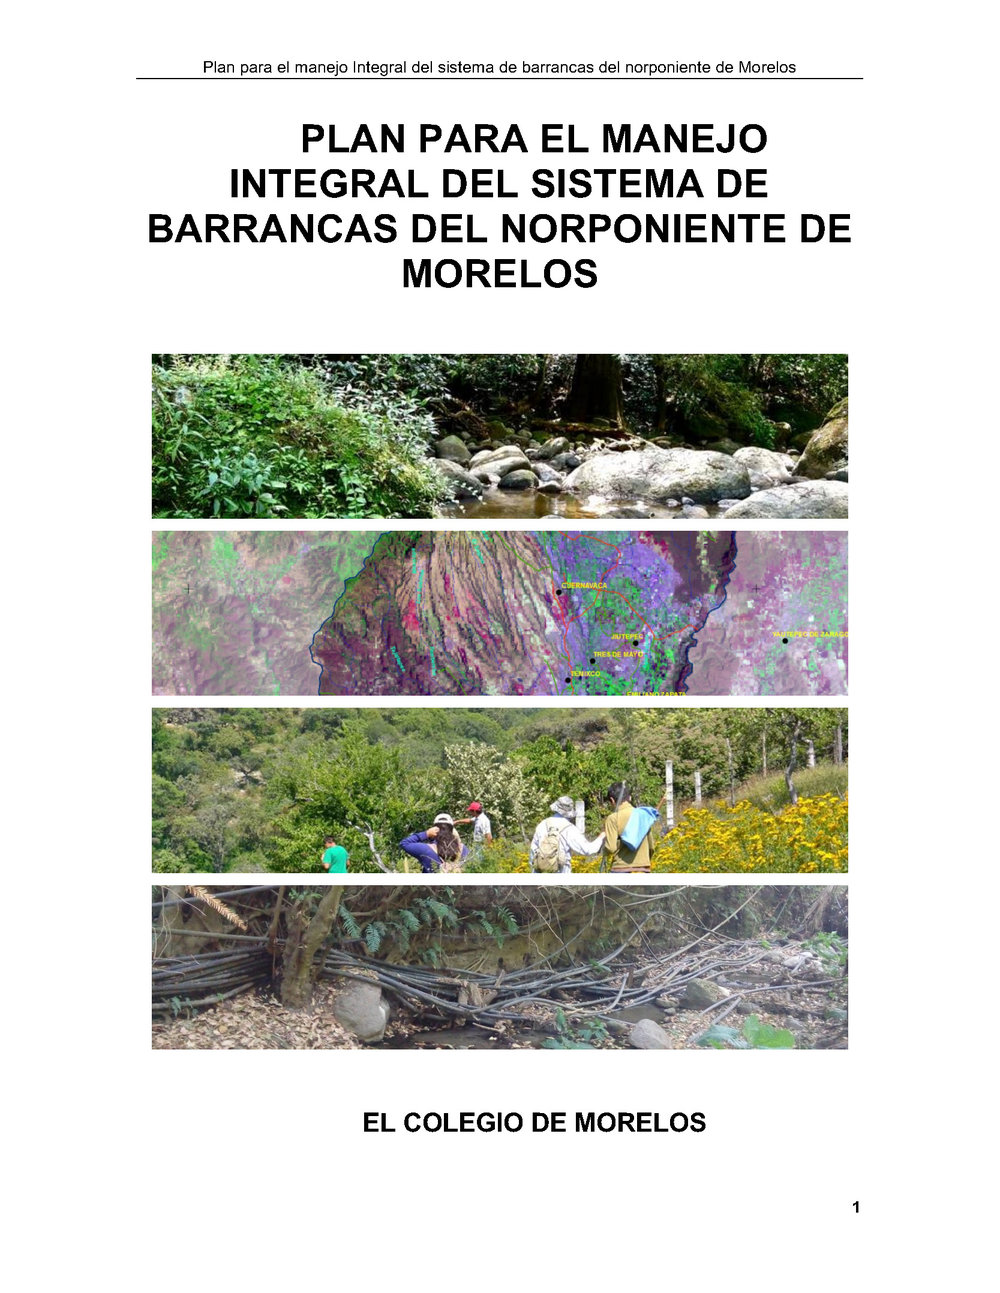 Plan Barrancas - El Plan para el manejo integral del sistema de barrancas del norponiente de Morelos (PMISBNM) es el resultado de 25 reuniones de grupos técnicos y 4 coloquios multidisciplinarios, con participación intersectorial de más de 100 especialistas en temas ambientales, legales y sociales.